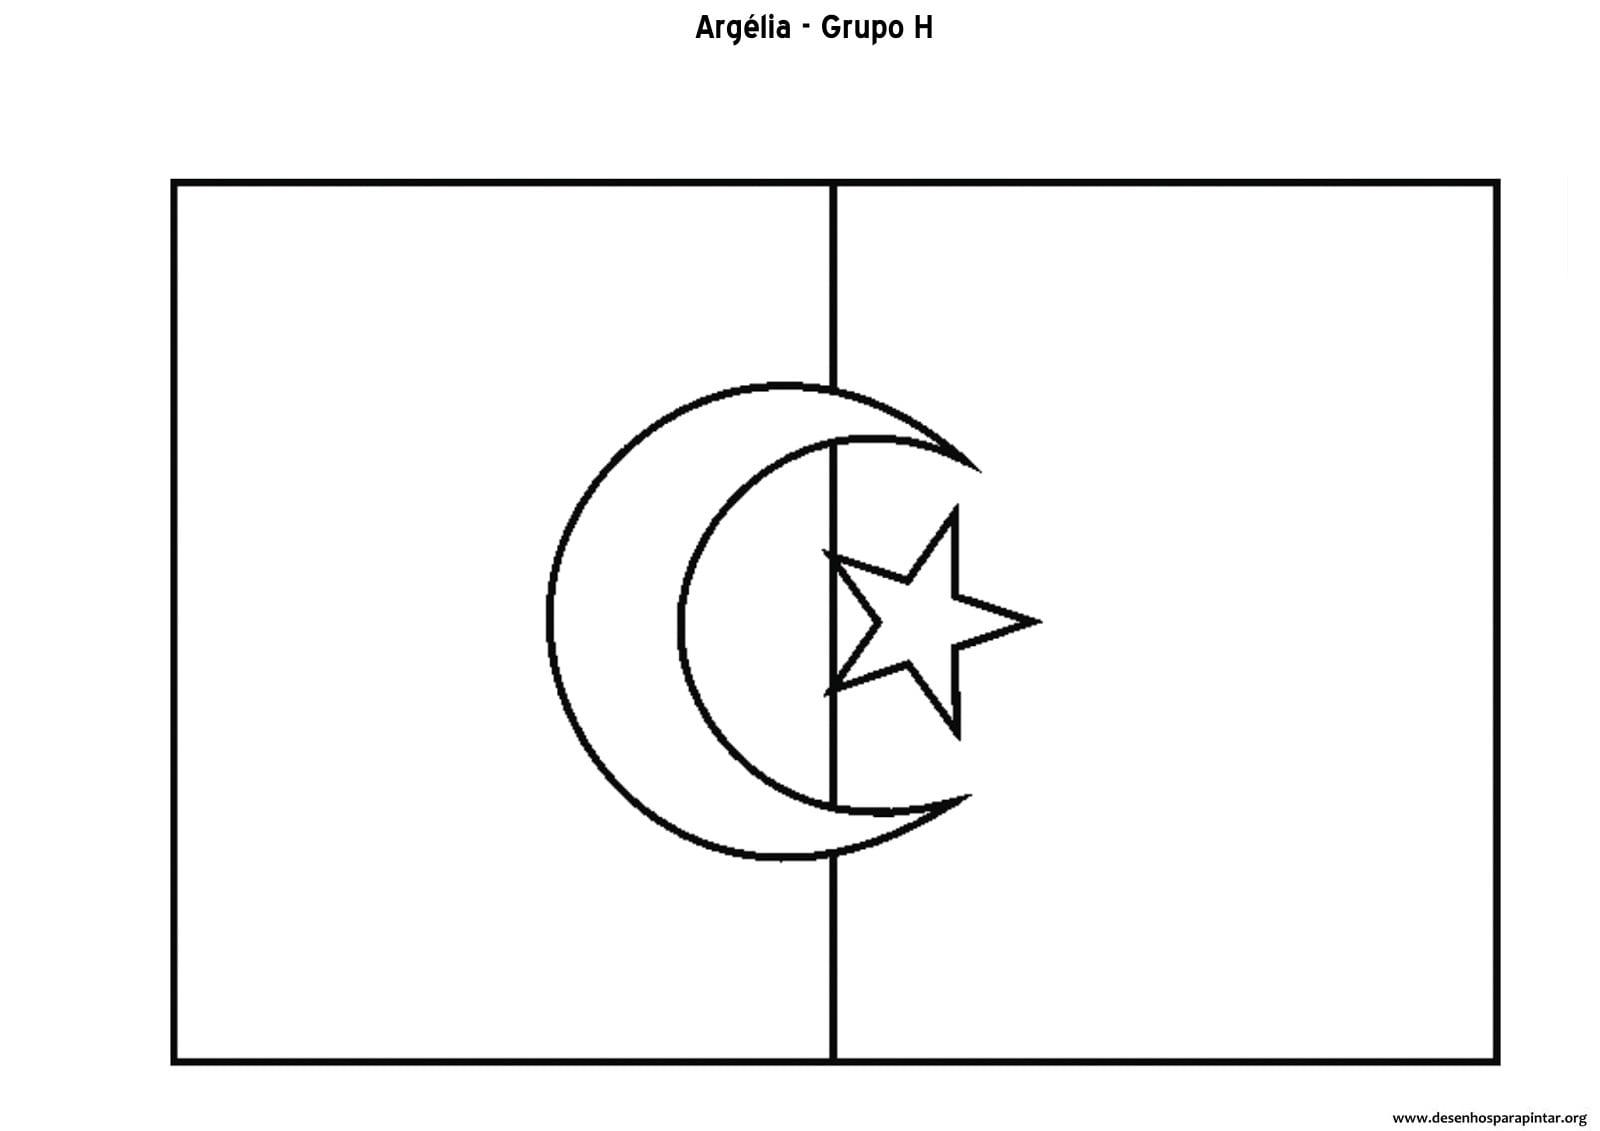 Copa 2014 – Bandeiras Das Seleções Do Grupo H – Argélia, Bélgica